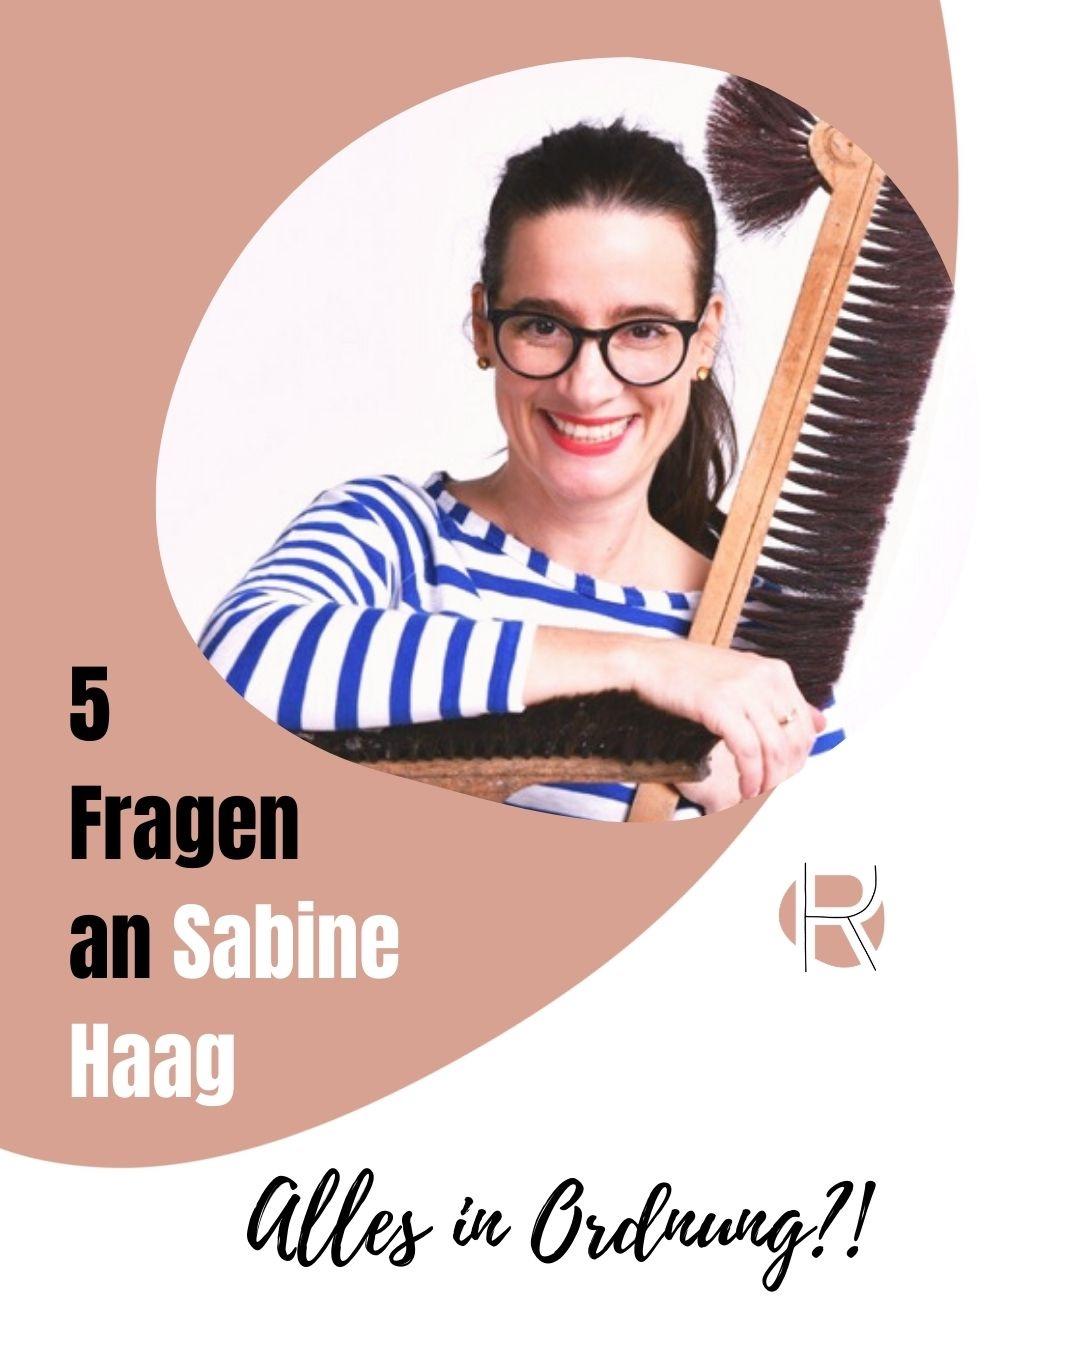 5 Fragen an Sabine Haag: Alles in Ordnung?